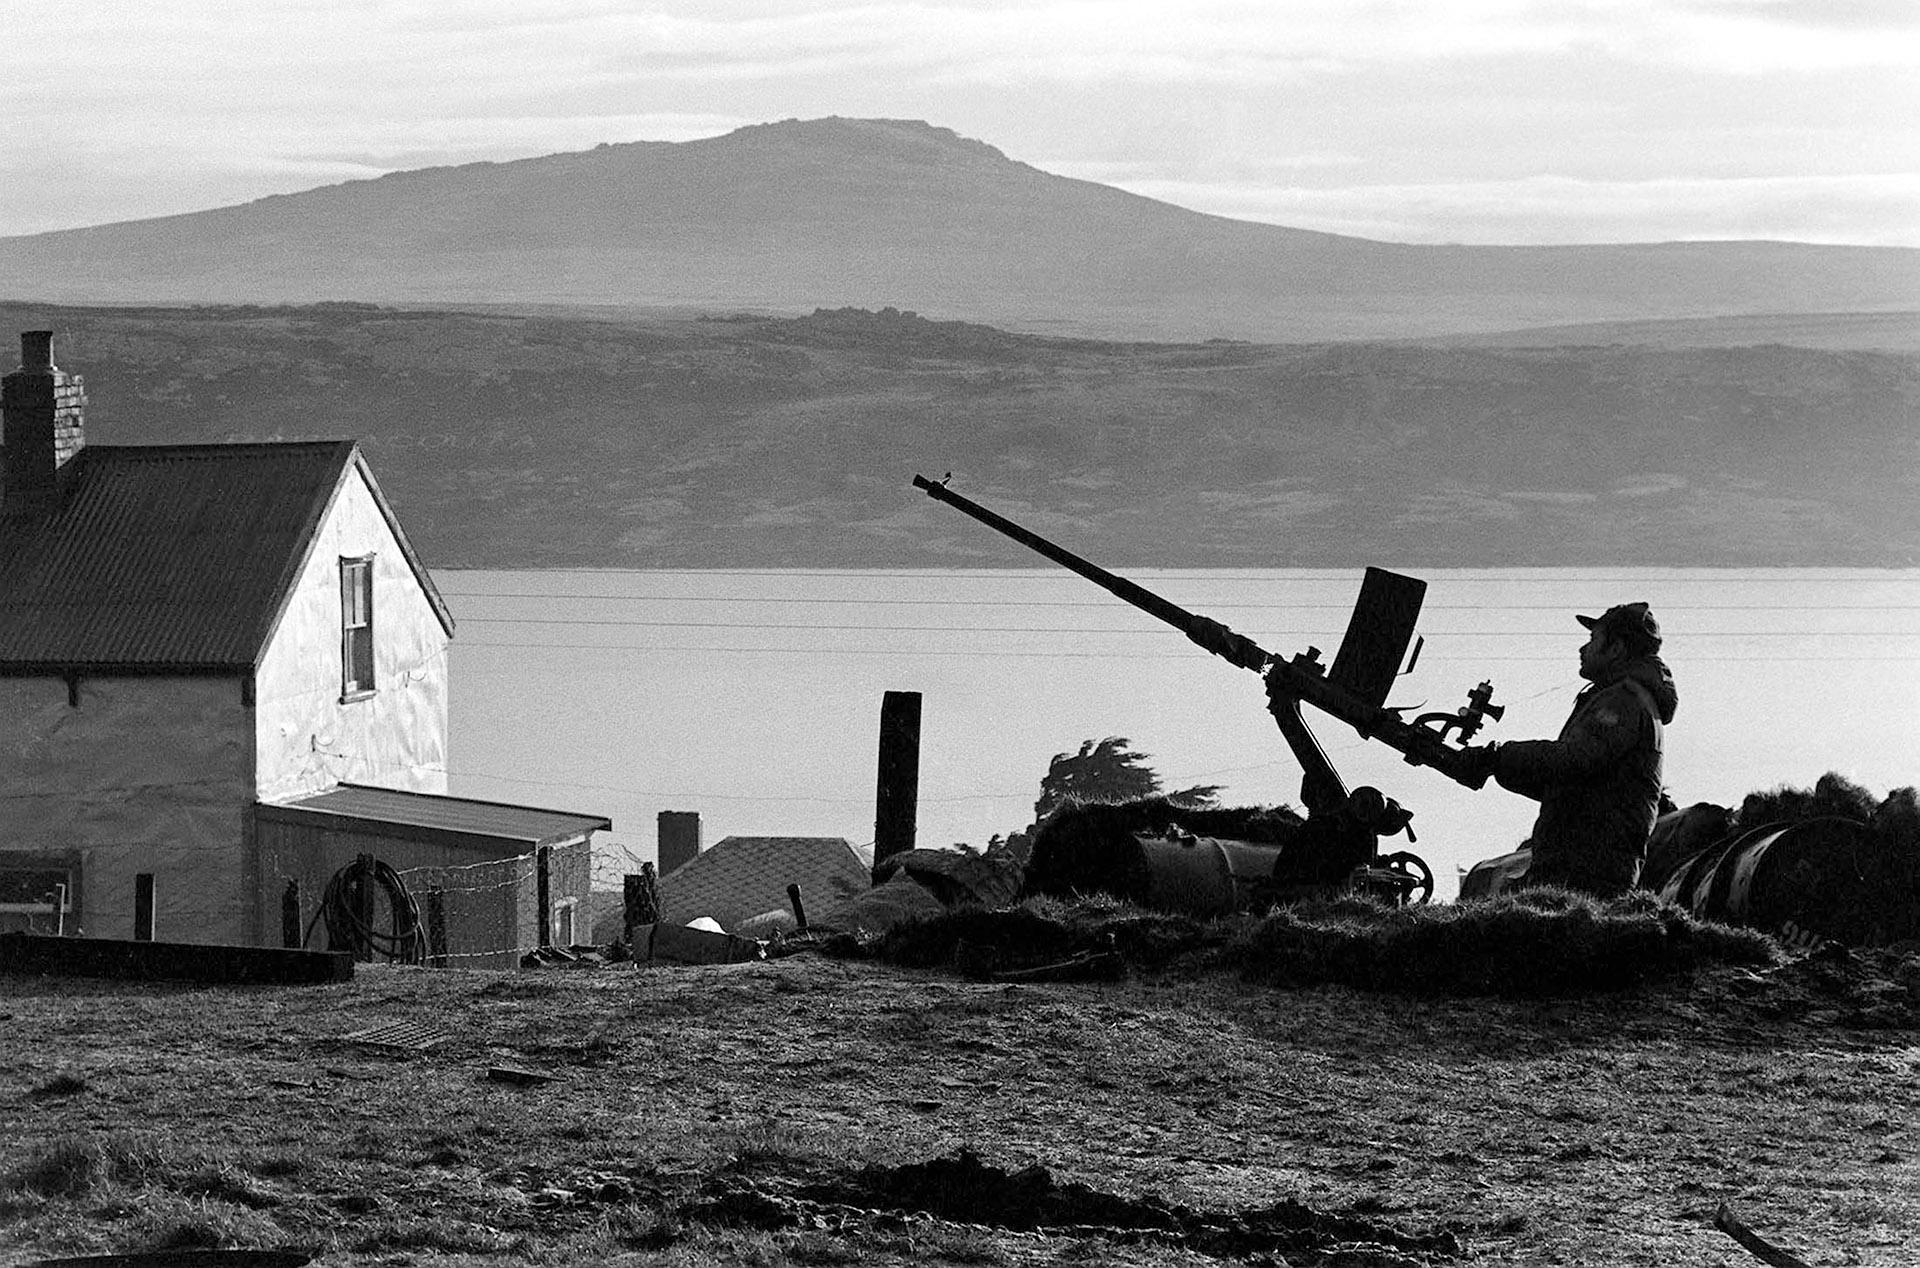 Está solo y espera. Lo acompañan una ametralladora antiaérea y un singular paisaje. La bahía está en calma. Los Harrier no tardarán en llegar. (Foto:Télam)